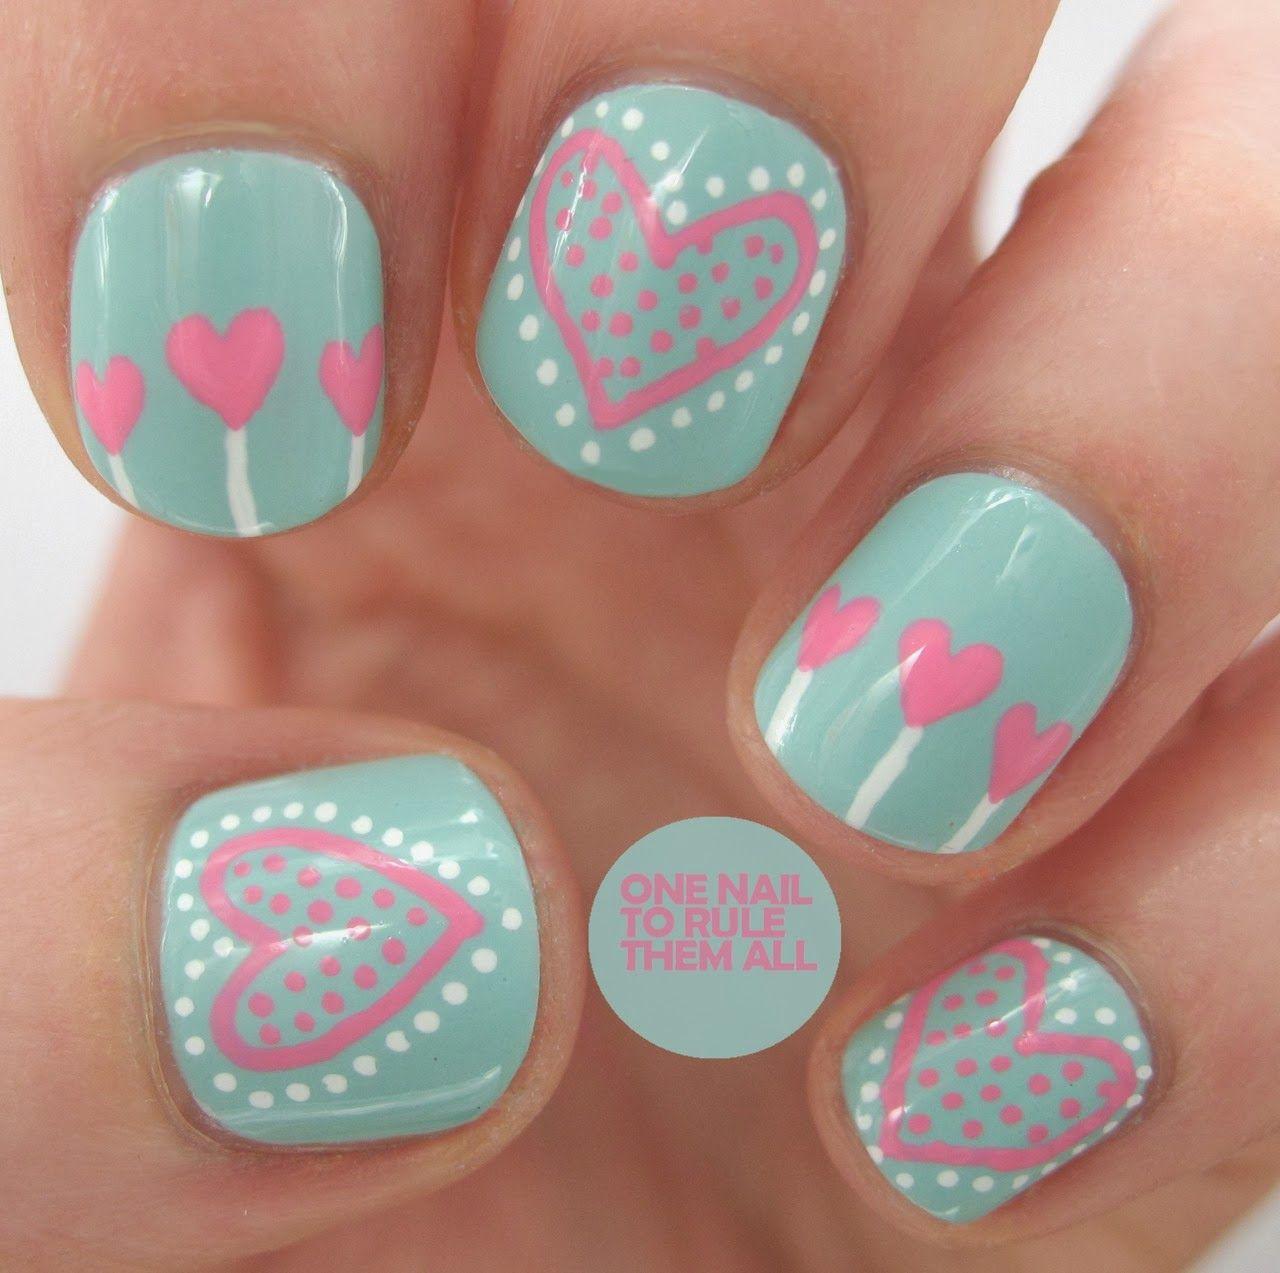 The Cute Simple Nail Designs Cute Nail Design Ideas Nail Art ...